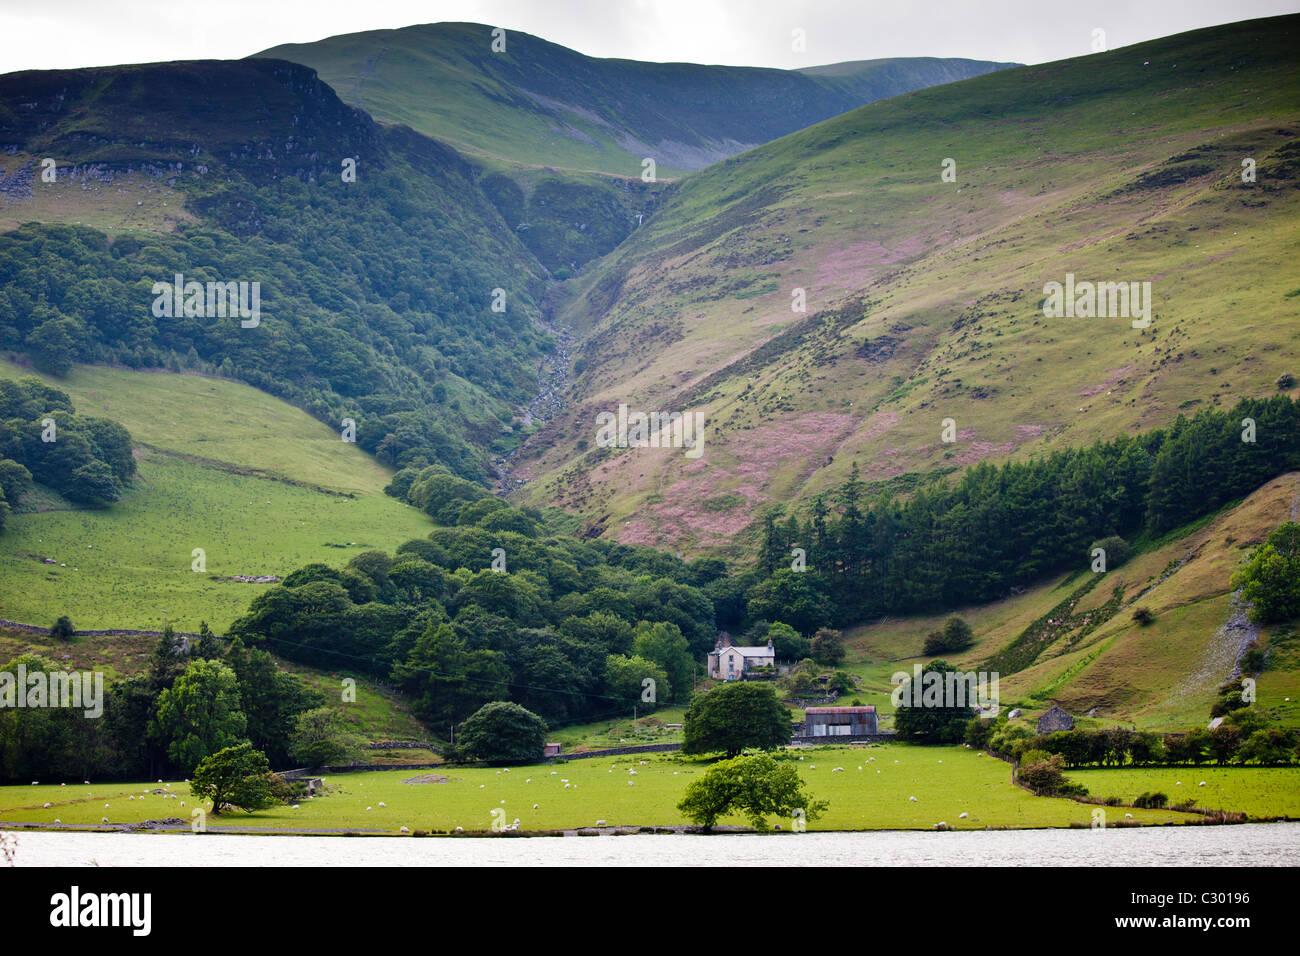 Bergbauernhof auf Berg Hänge im Tal-Y-LLyn, Snowdonia, Gwynned, Wales Stockbild